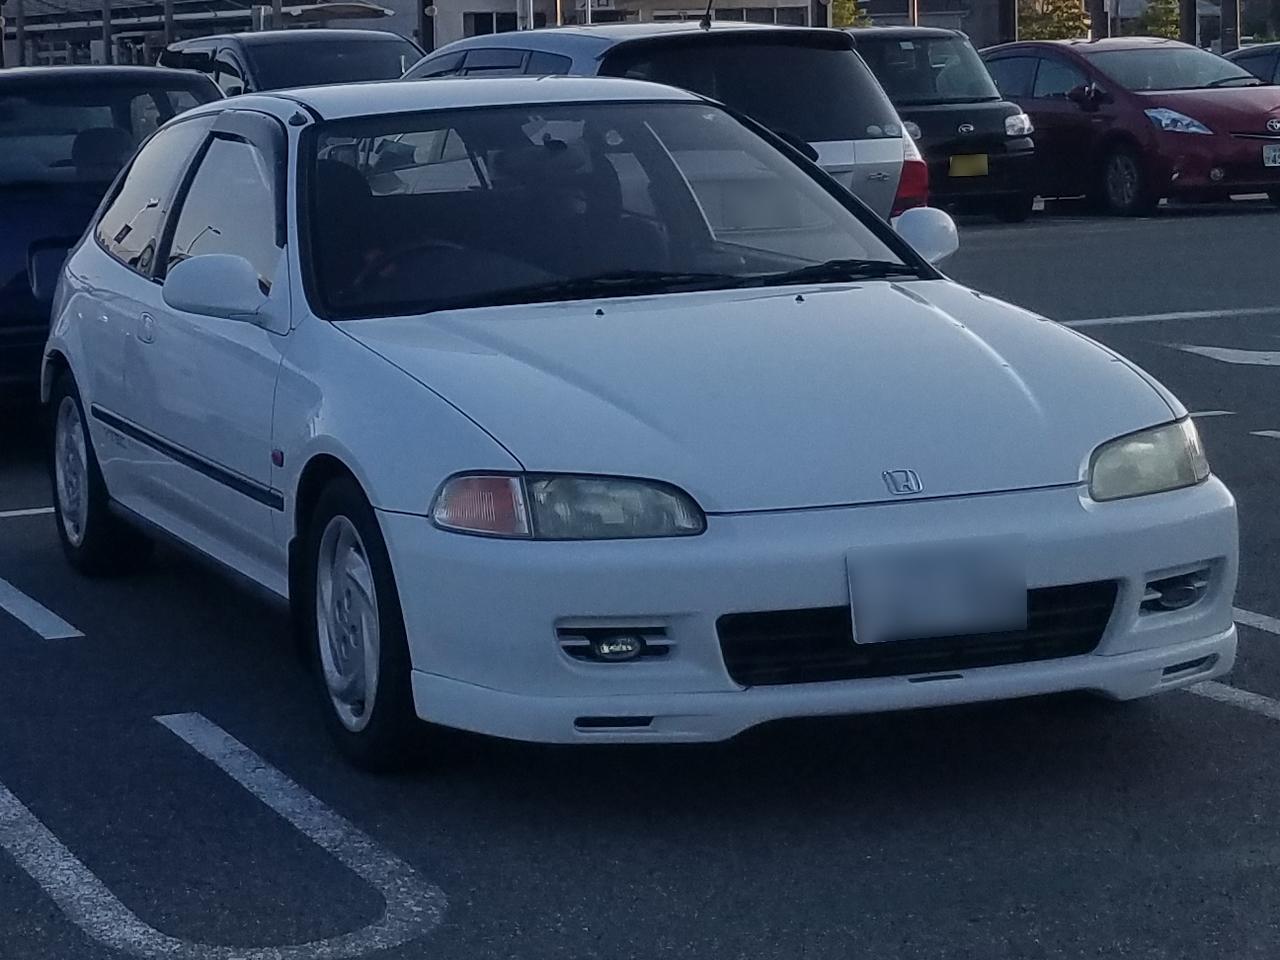 Kelebihan Kekurangan Honda Civic Eg6 Spesifikasi